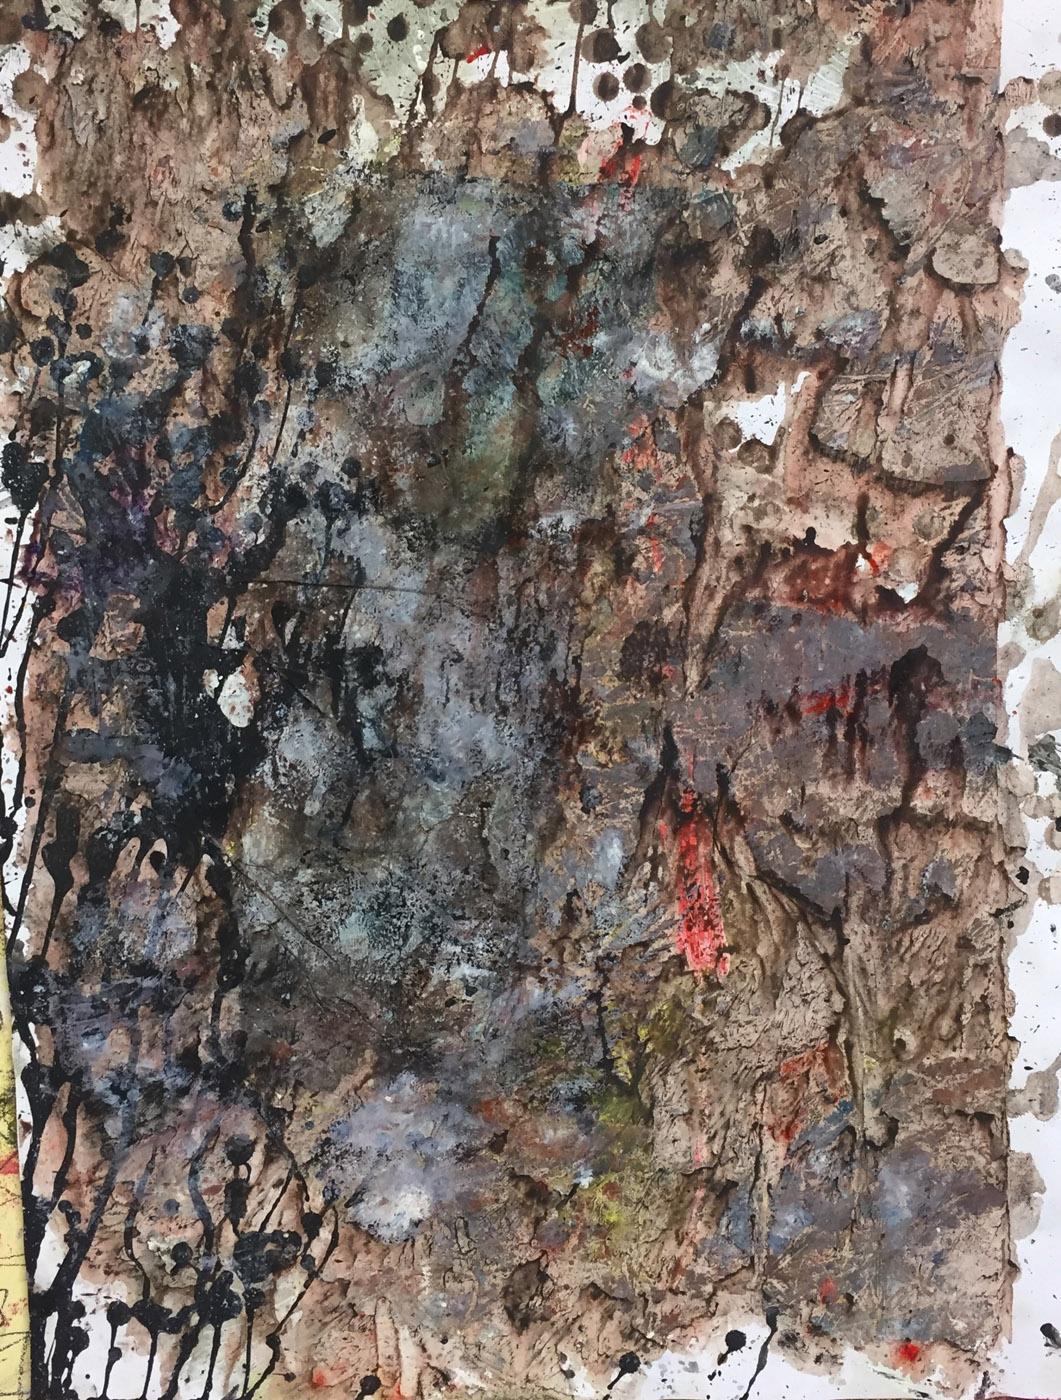 MARC FELD 2020 INSIDE THE WOOD Huile, acrylique et gouache sur papier 50 x 65 cm